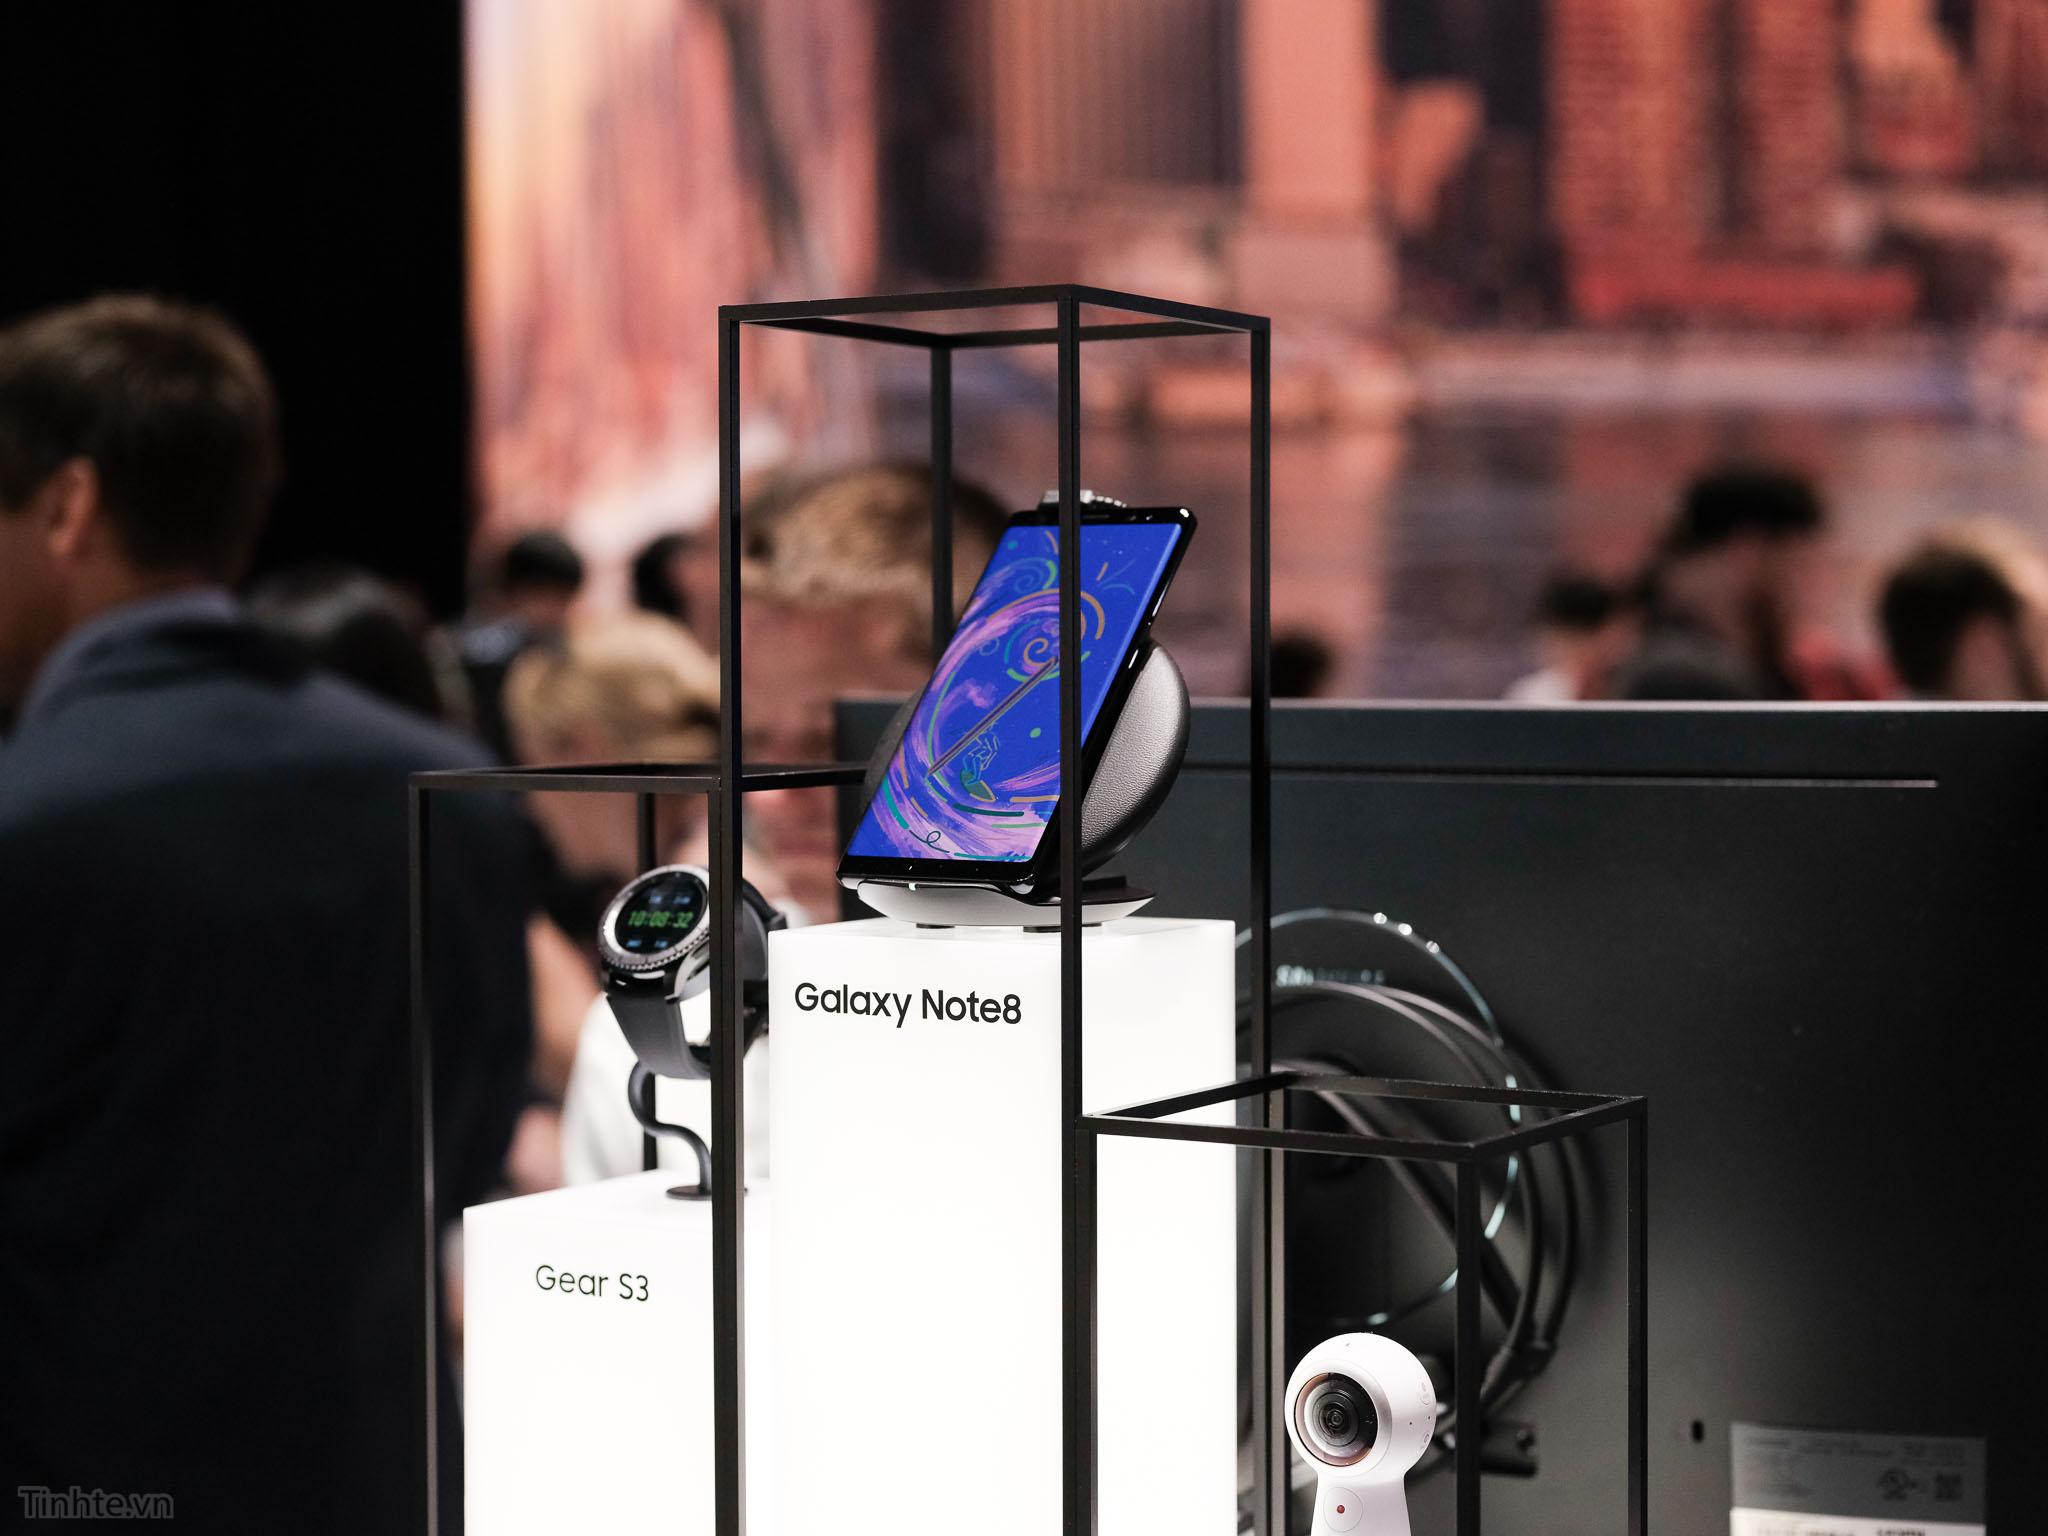 Samsung_Galaxy_Note_8_tinhte.vn-13.jpg